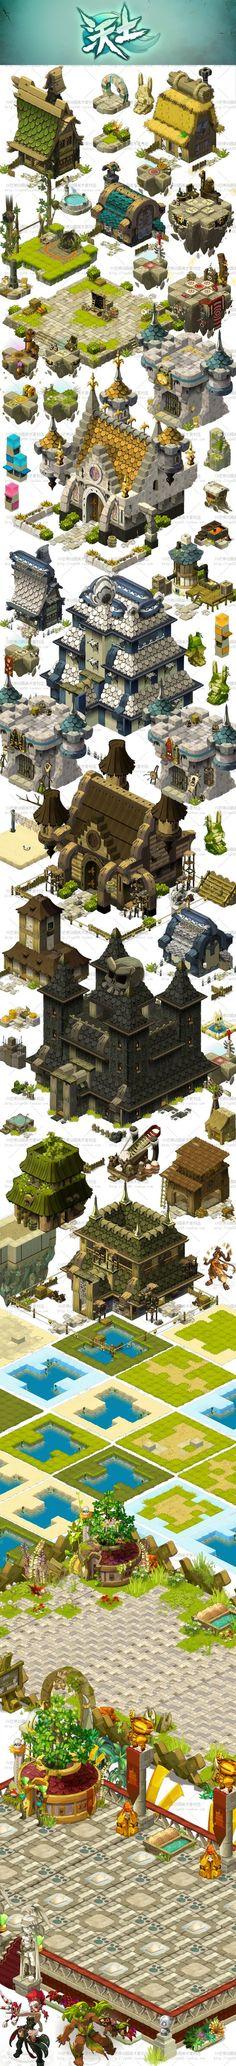 【游戏美术资源】DOFUS & 沃土Q版卡通全套元素/场景原画/UI素材: